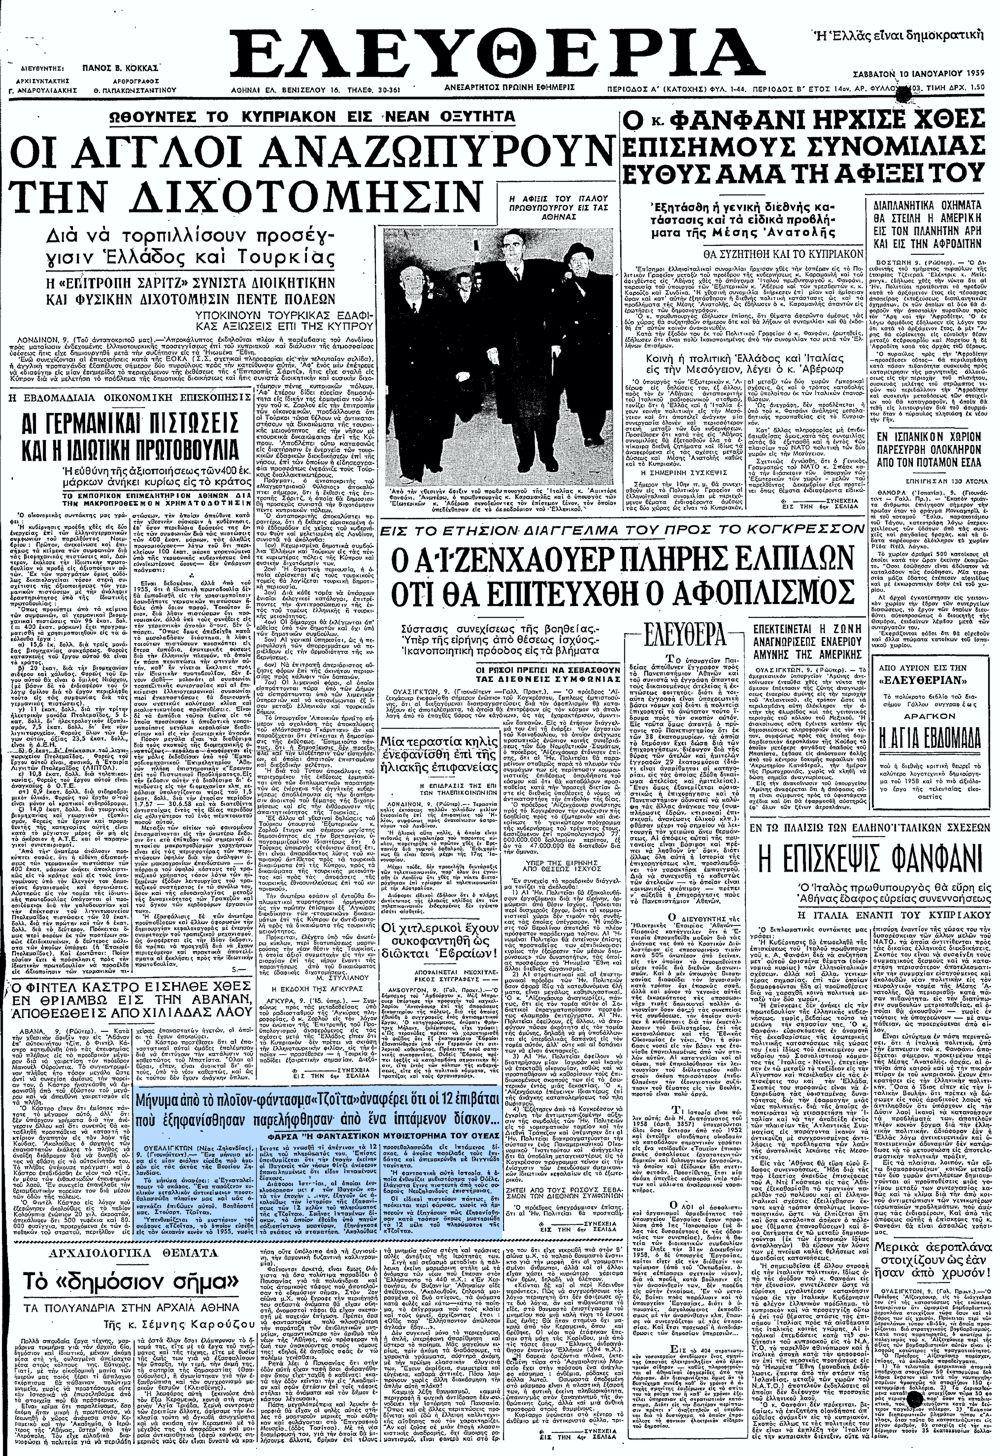 """Το άρθρο, όπως δημοσιεύθηκε στην εφημερίδα """"ΕΛΕΥΘΕΡΙΑ"""", στις 10/01/1959"""